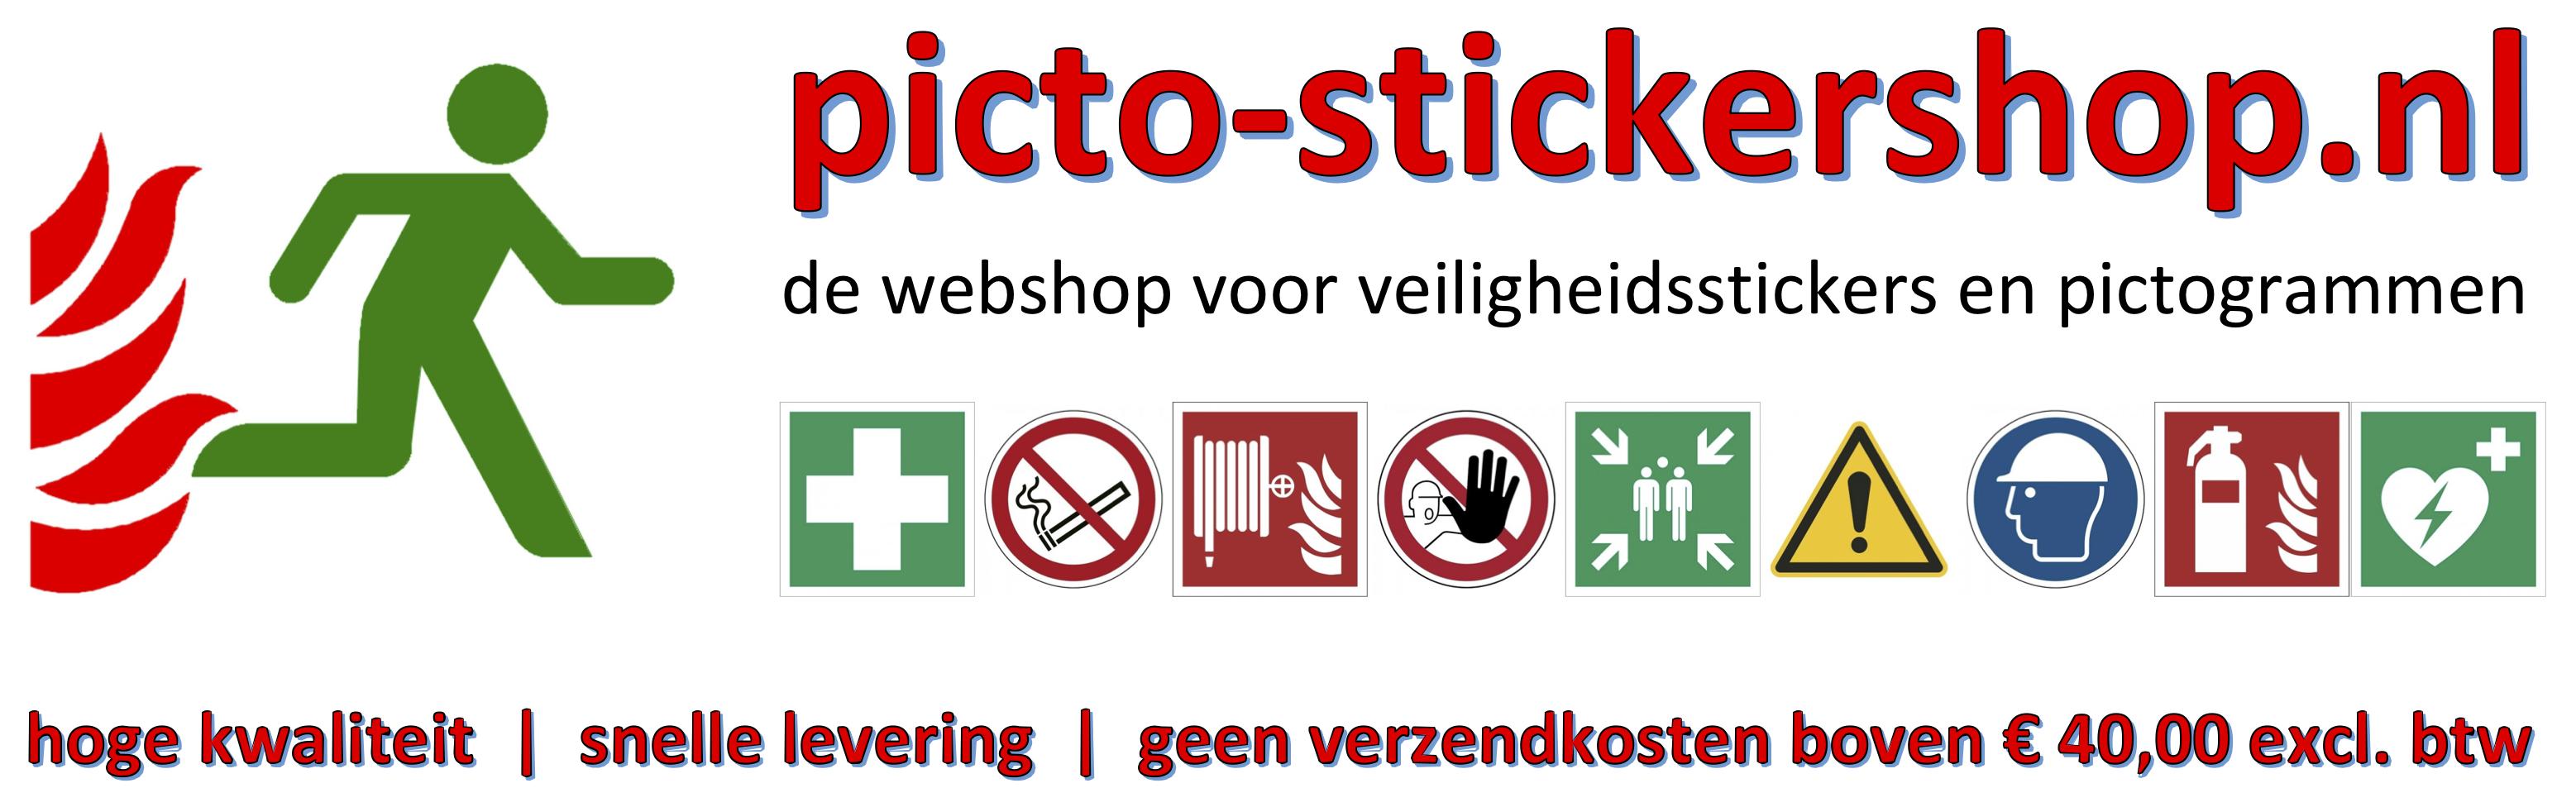 picto stickershop - de webshop voor uw veiligheidsstickers en pictogrammen